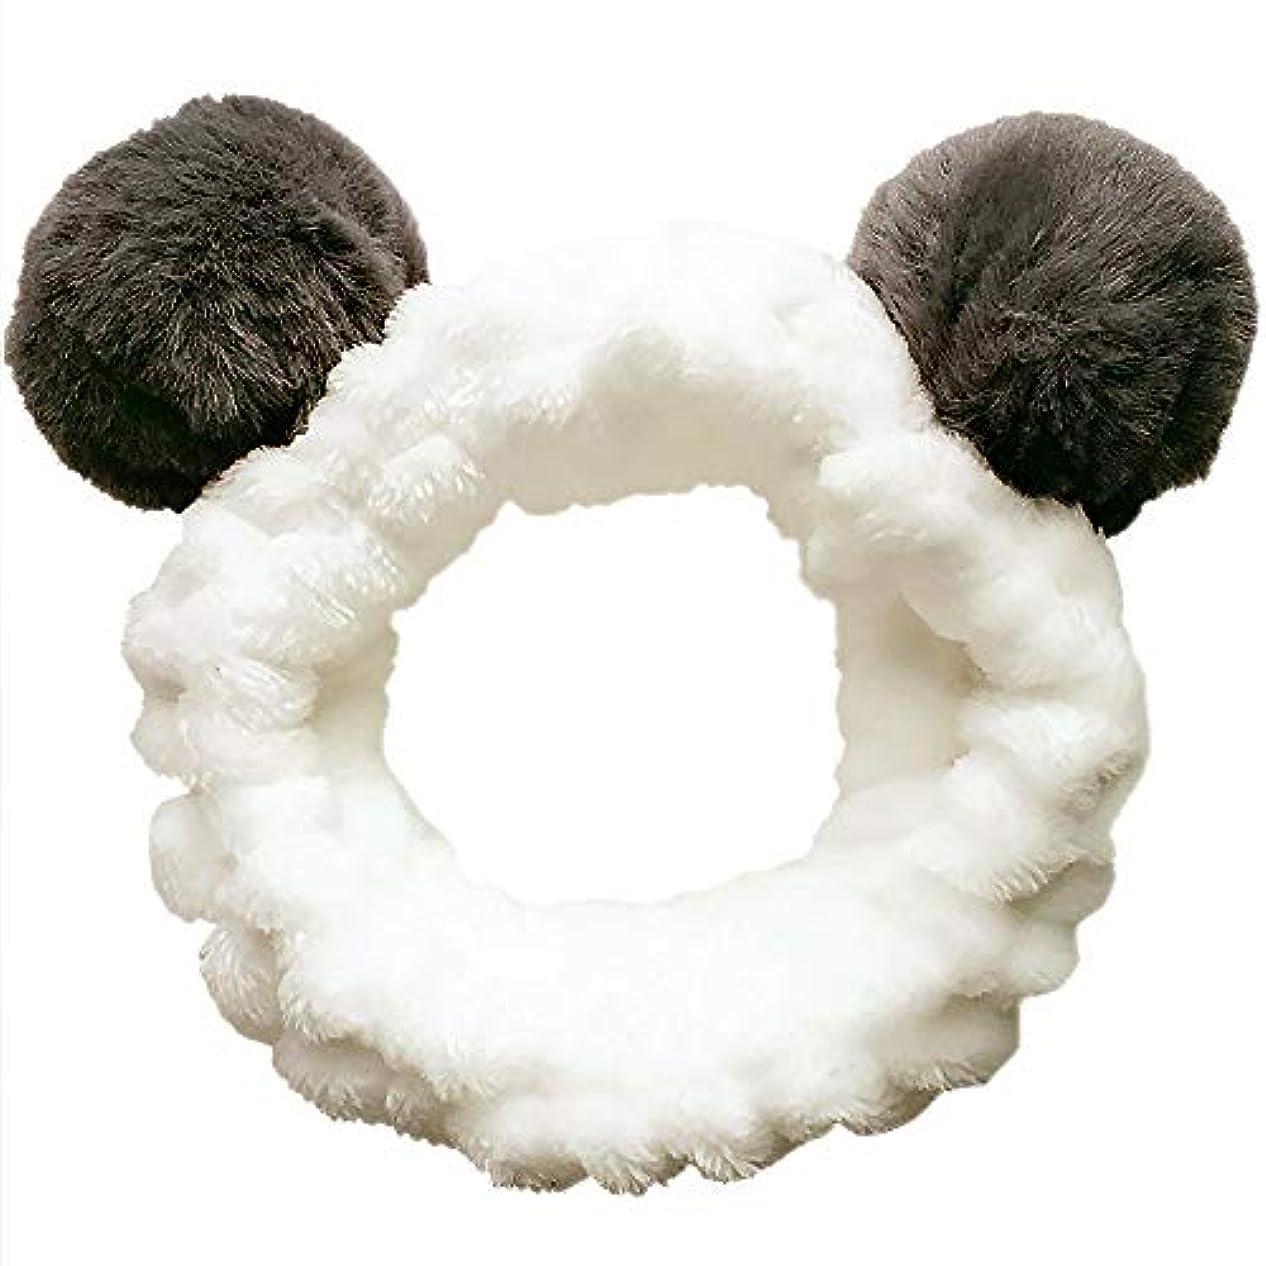 気分が良い無駄な葉を集めるヘアバンド 洗顔 動物 パンダ型 柔らかい 吸水 ターバン レディース ヘアアレンジ 伸縮性あり アニマル ふわふわ